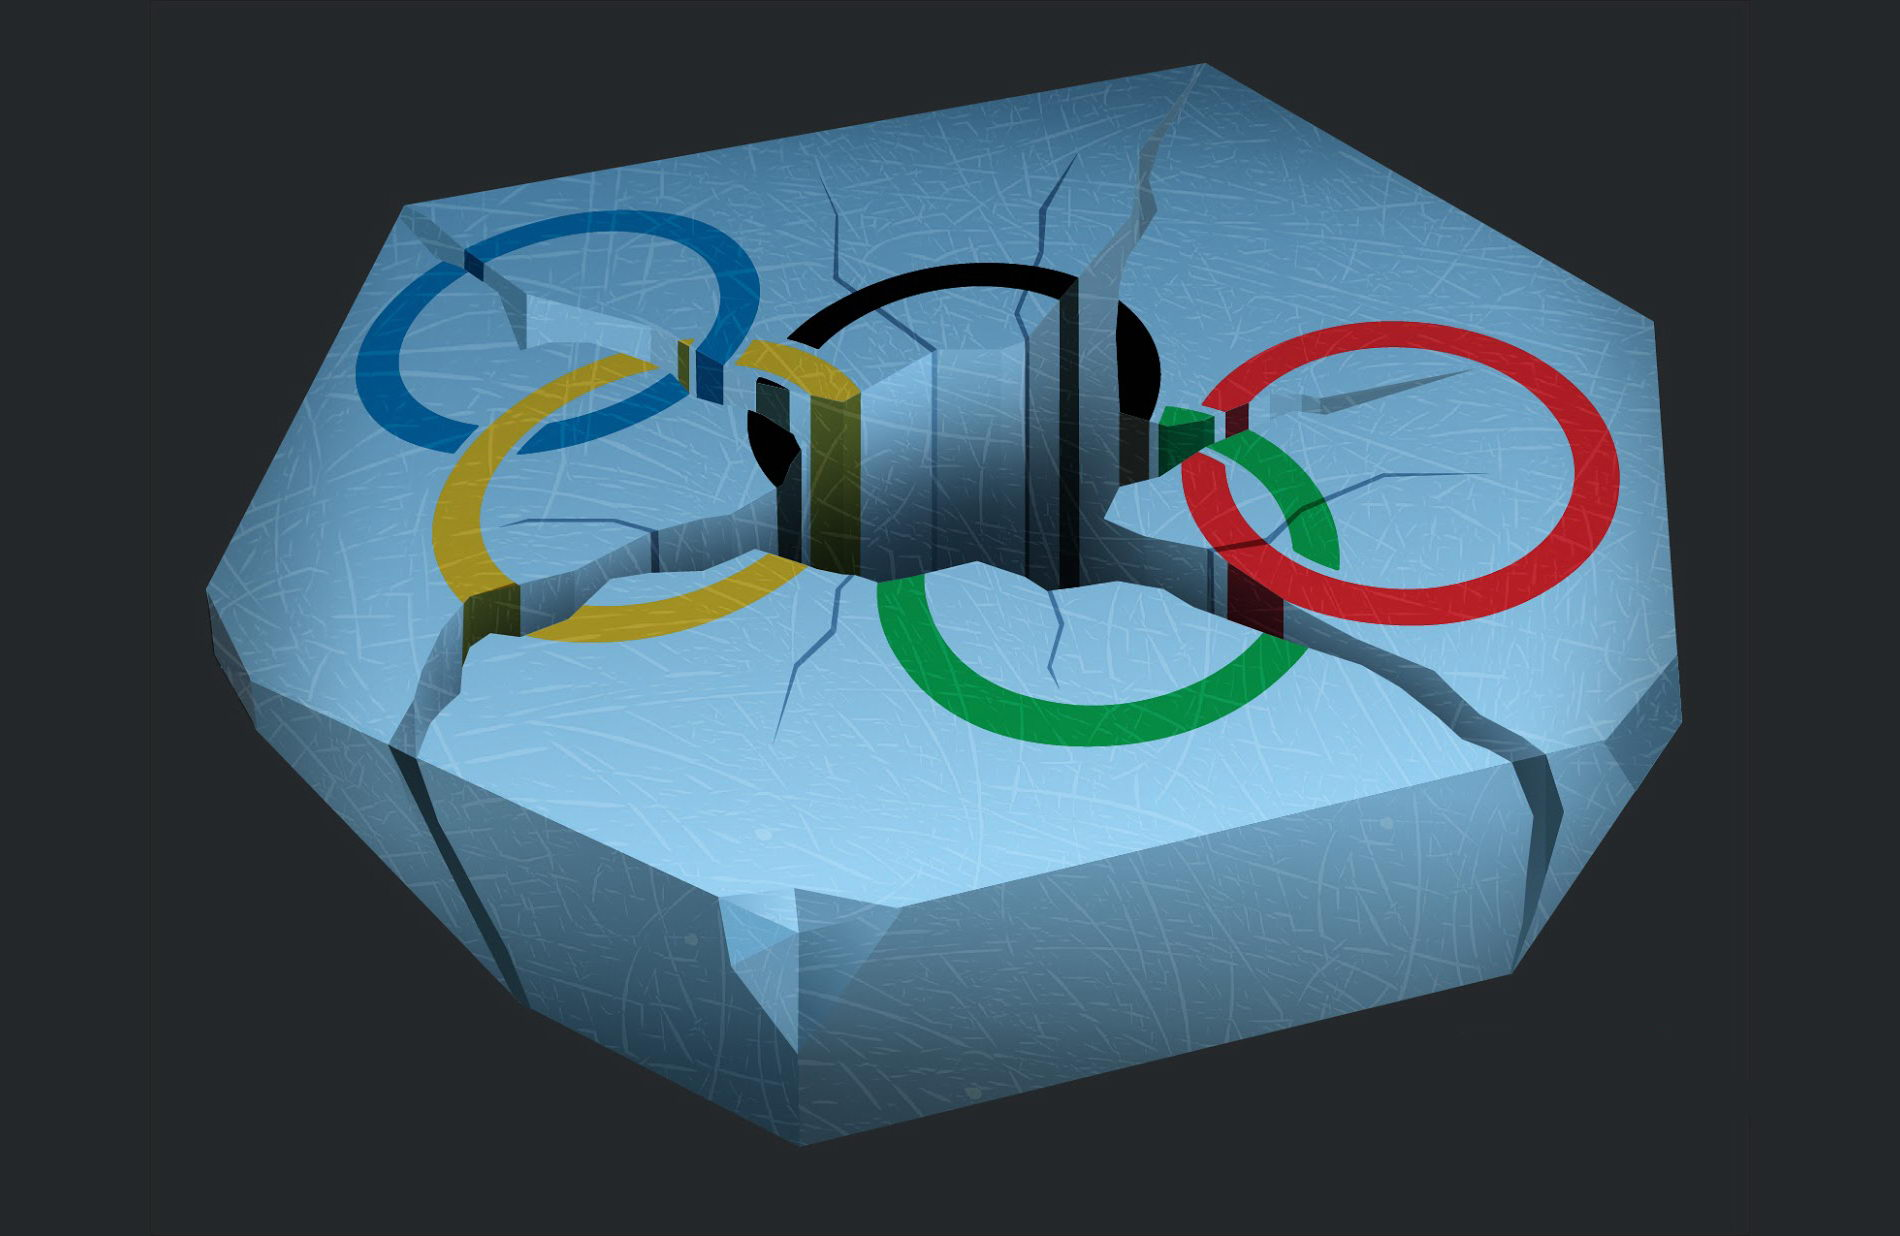 Малварь Olympic Destroyer, использовавшаяся для атак во время Олимпиады в Пхенчане, вновь активна